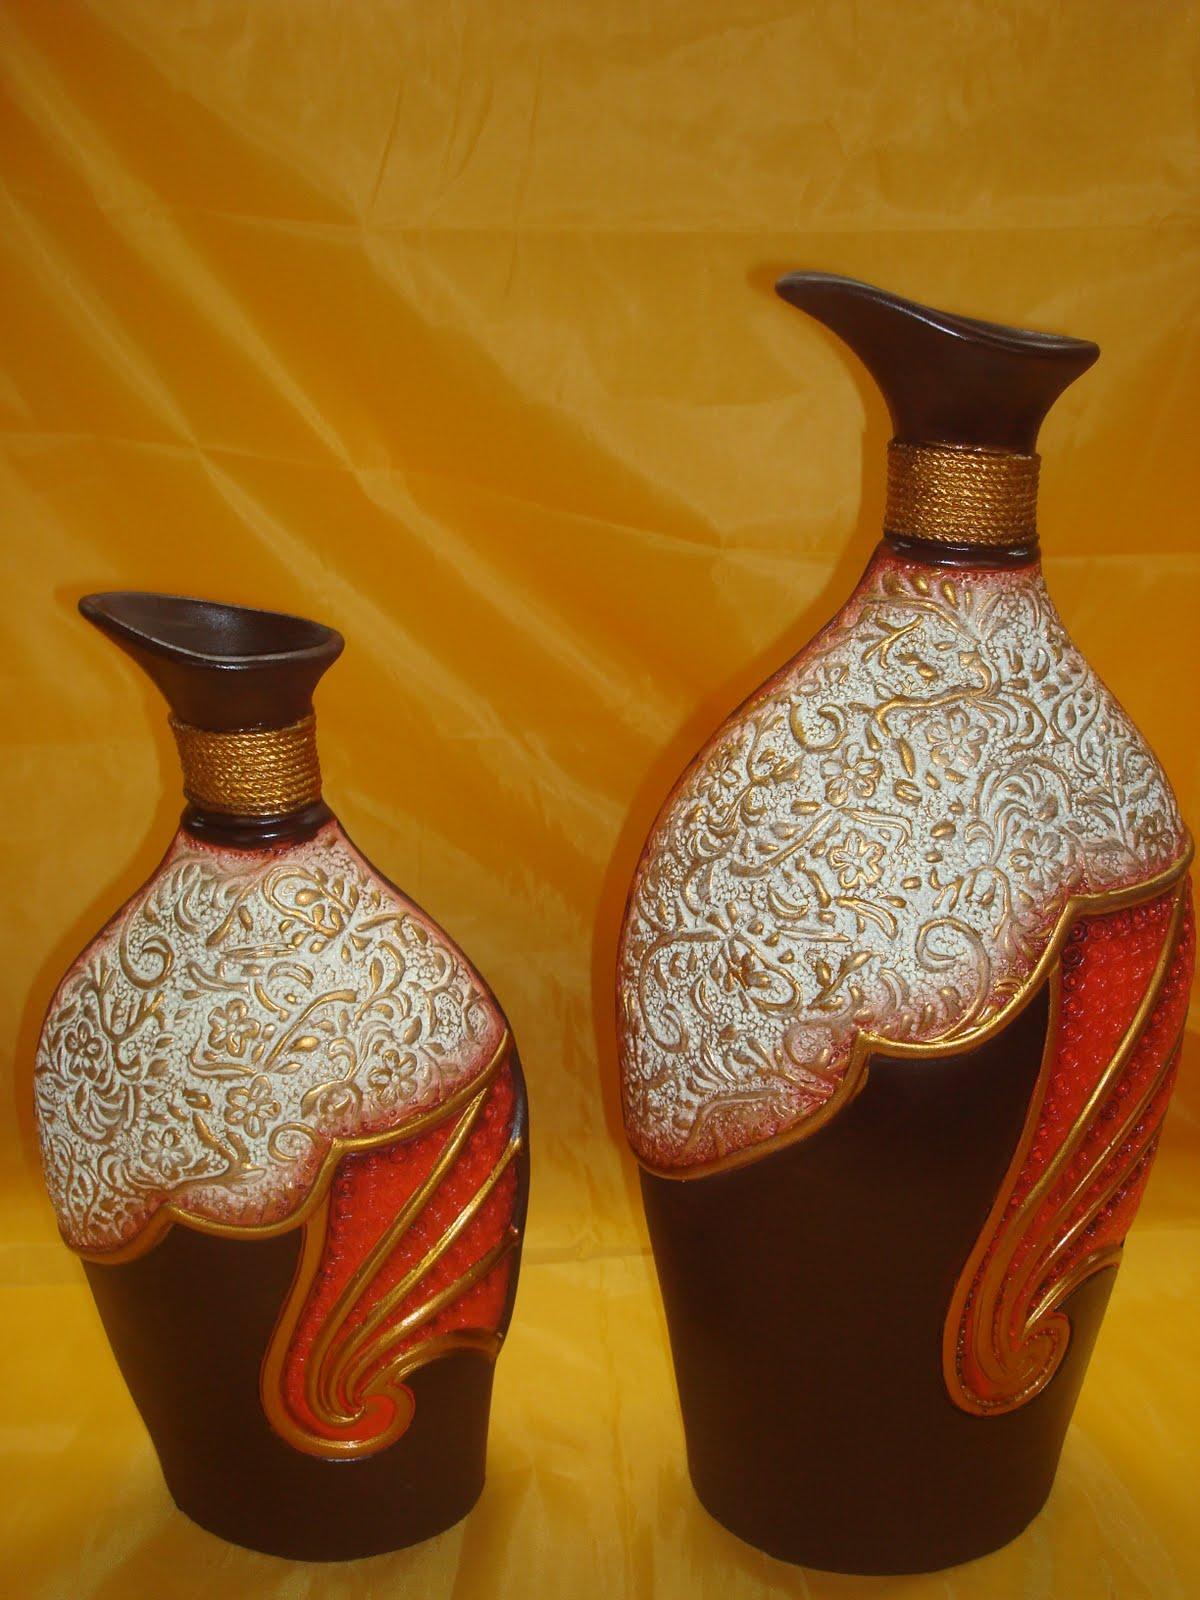 Cer micas para el hogar jarrones decorativos - Decoracion para jarrones ...